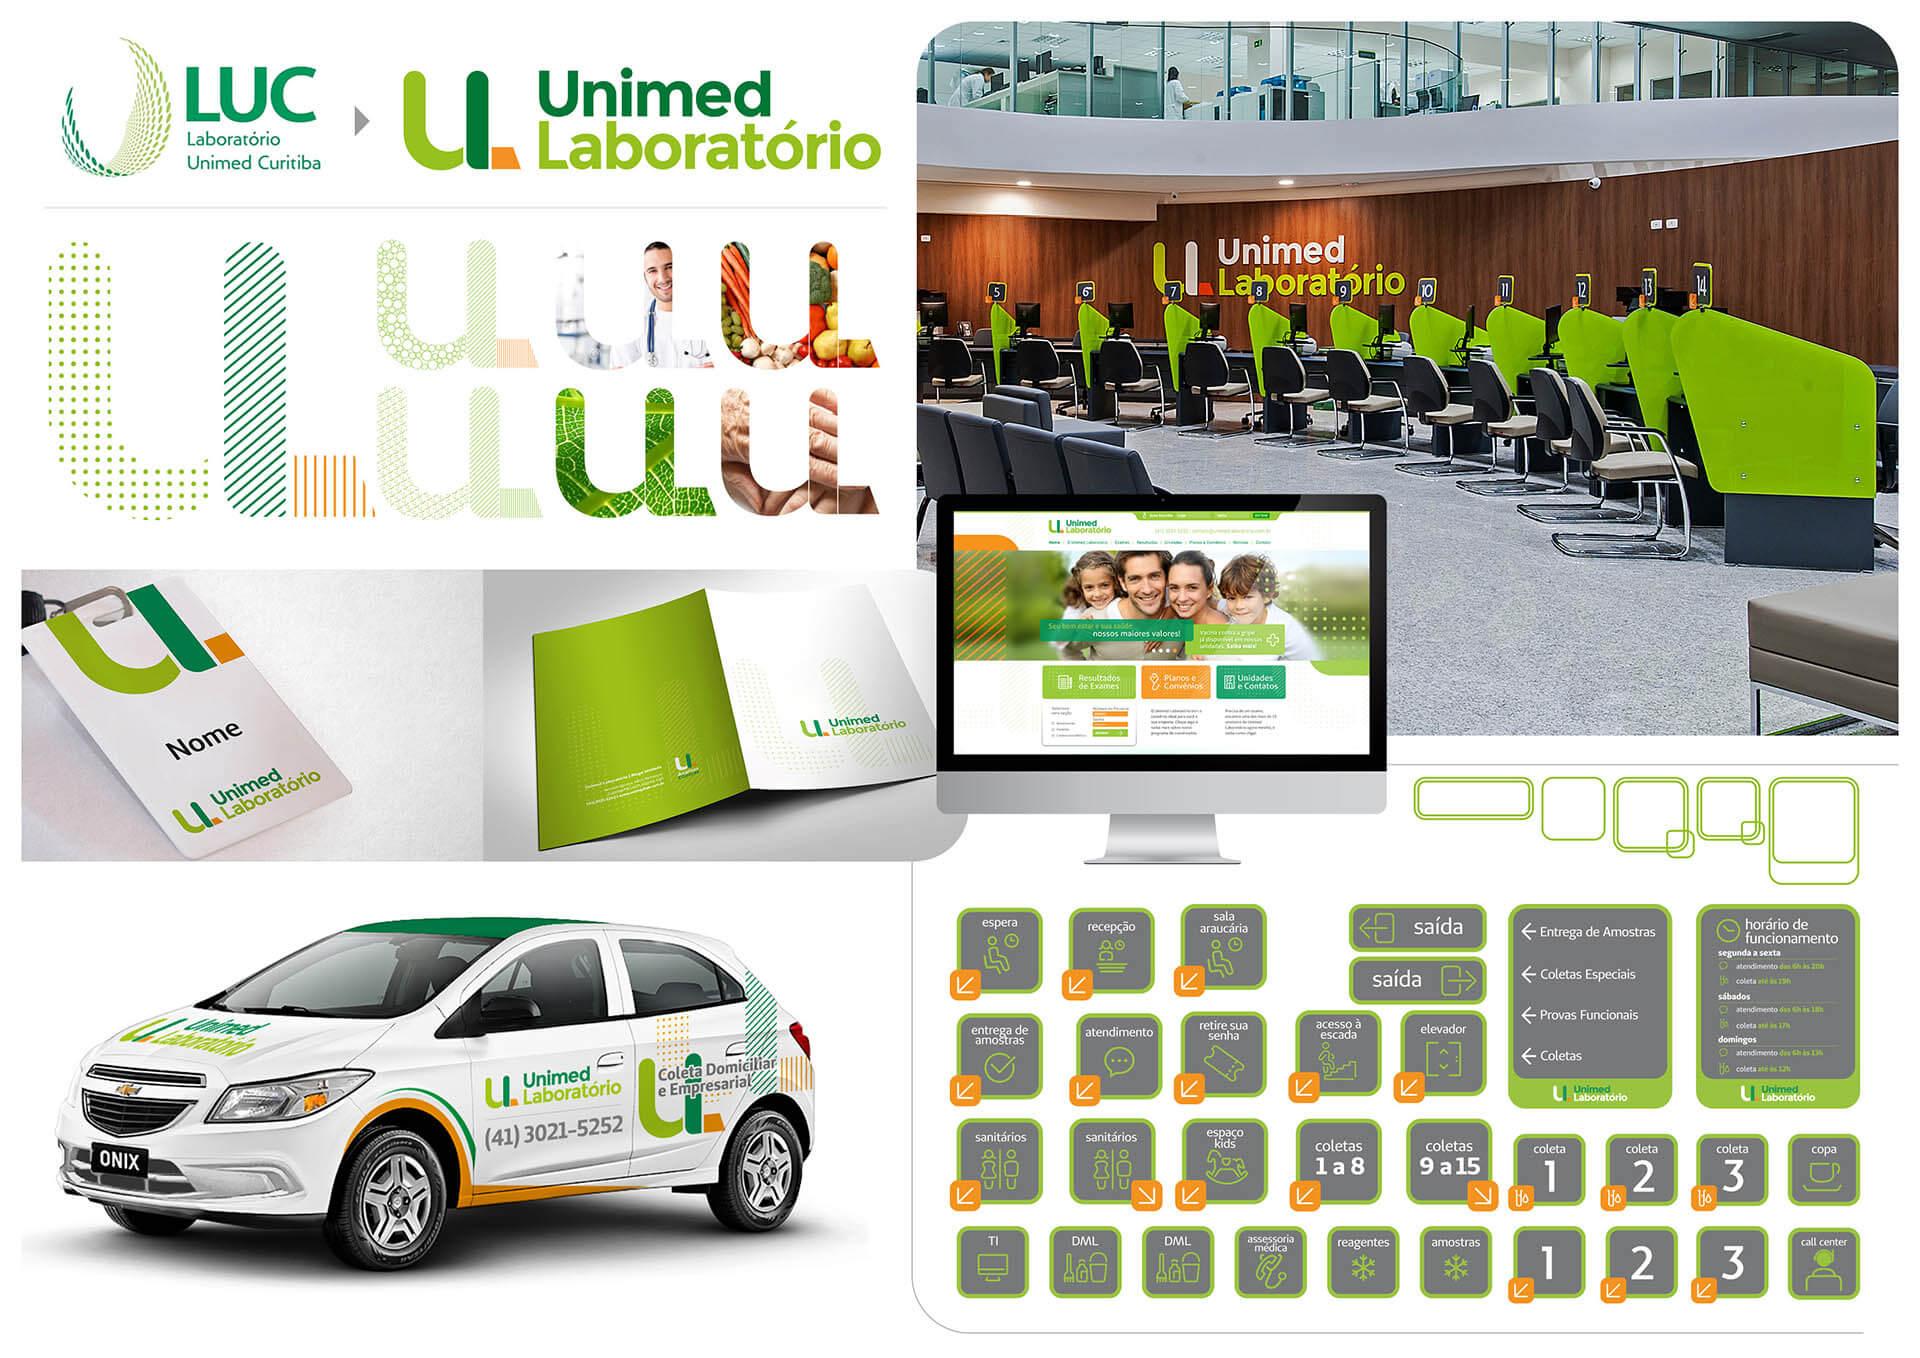 Unimed Lab - Pontodesign - Sinalização, identidade, ambientação